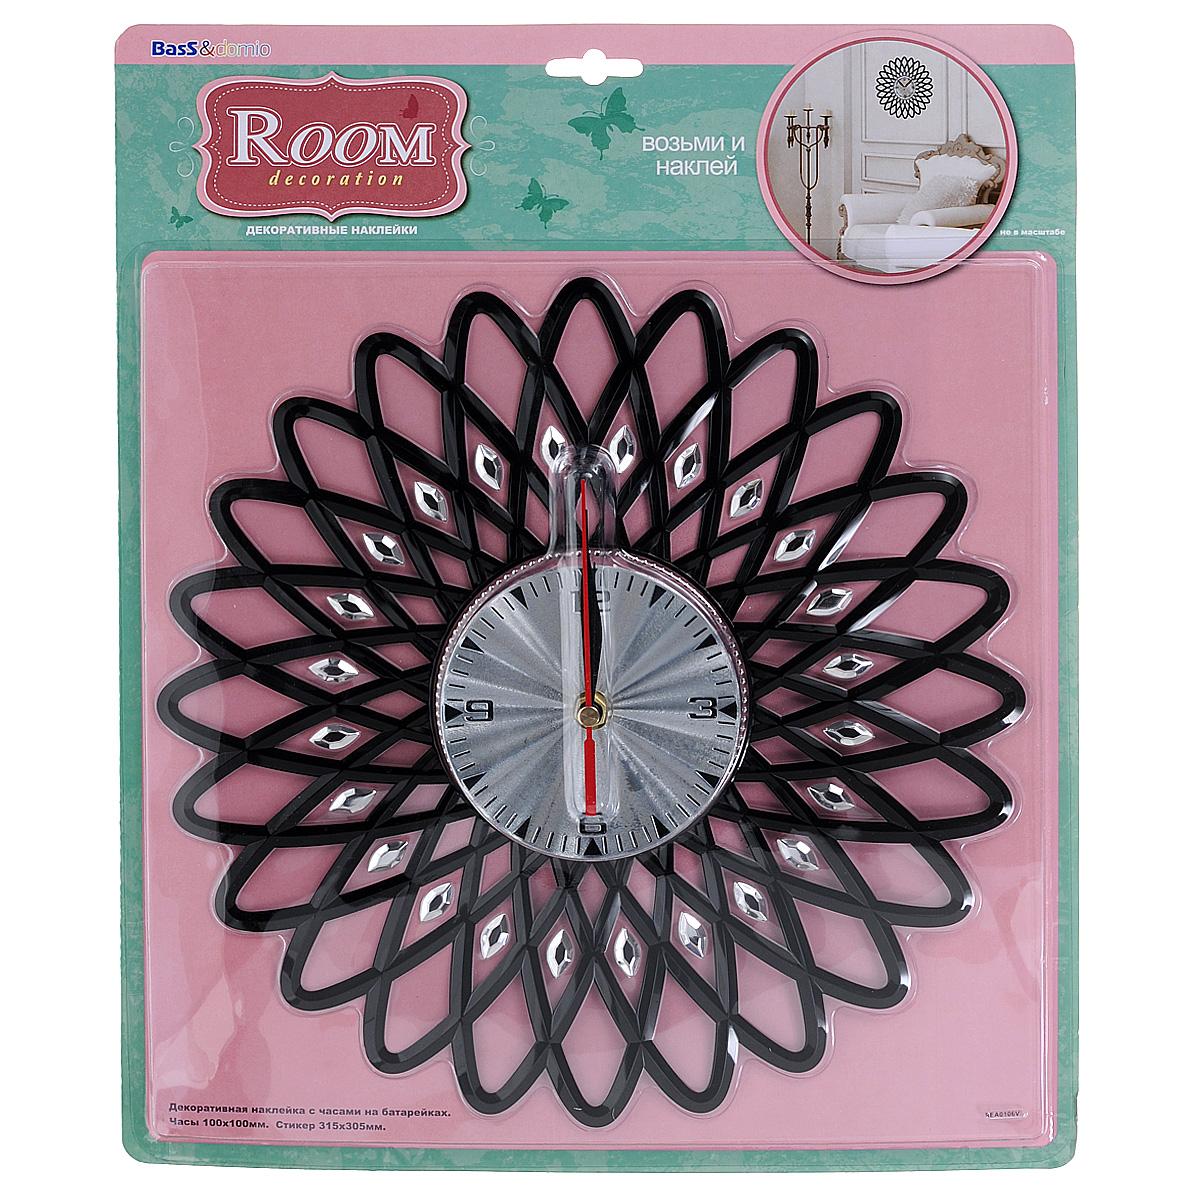 """Наклейка-часы для интерьера """"Room Decoration"""", 31,5 см х 30,5 см"""